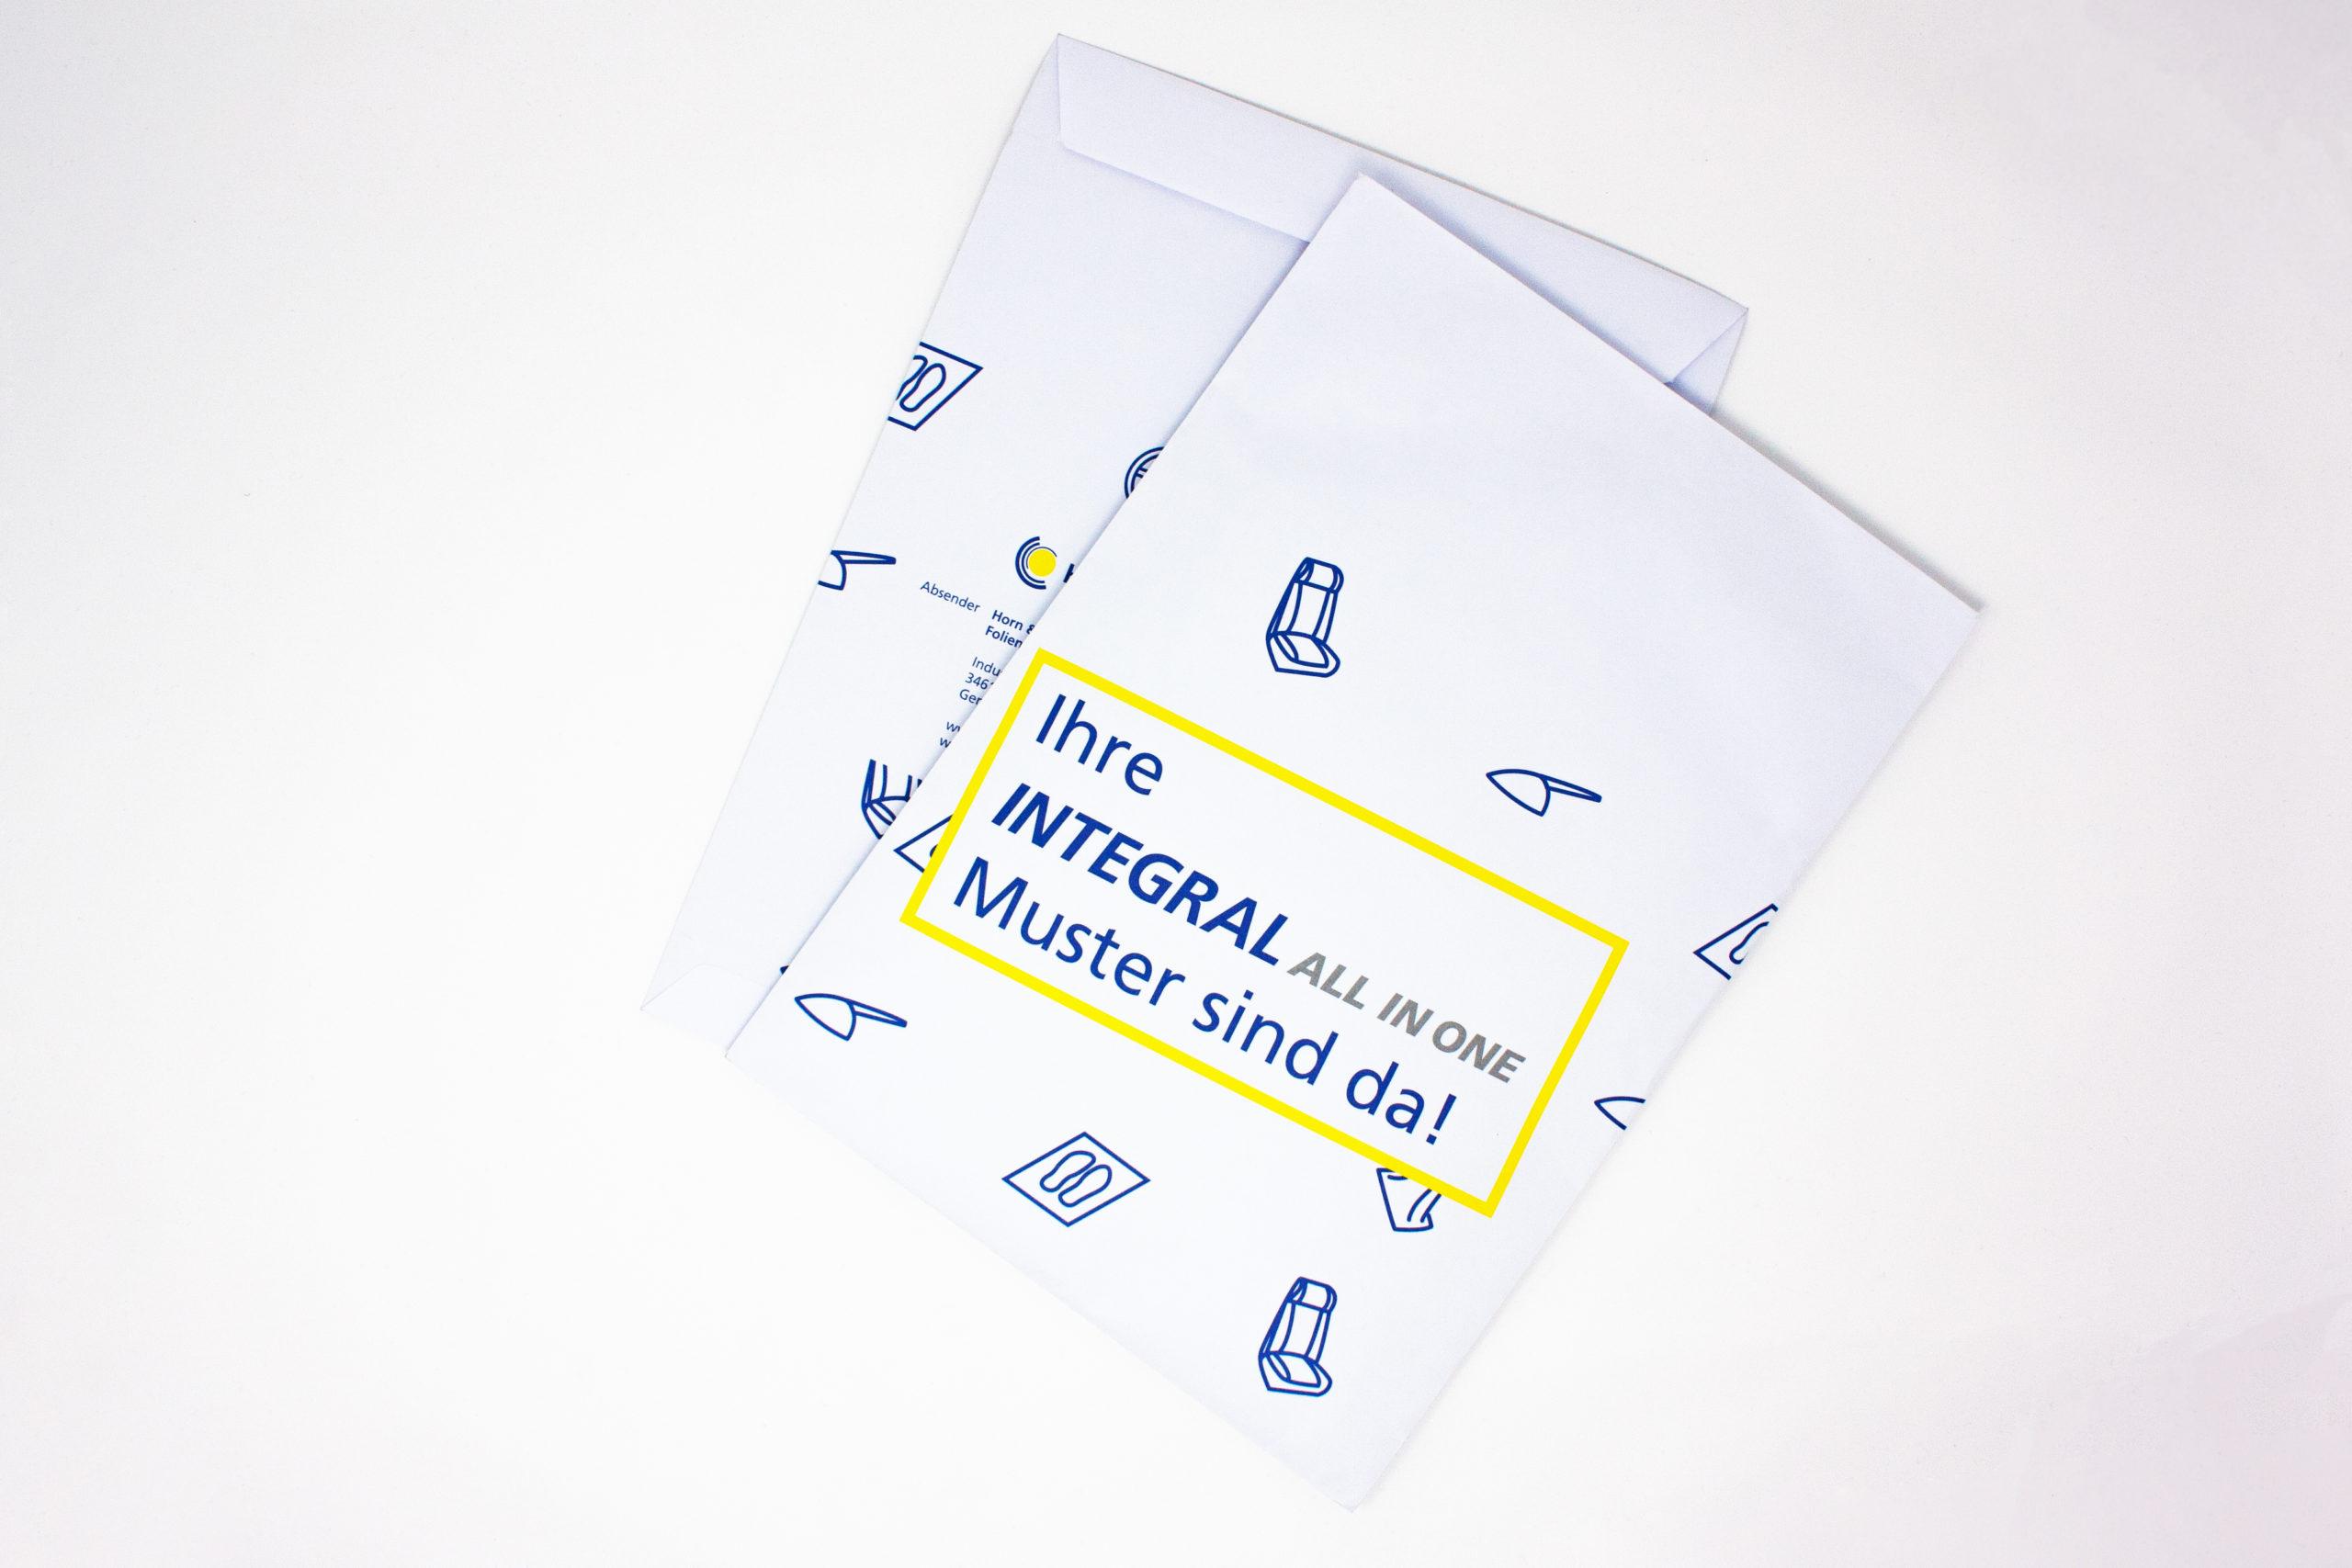 FORMLOS-Horn-und-Bauer-Corporate-Design-Verpackungsdesign-Briefumschlag